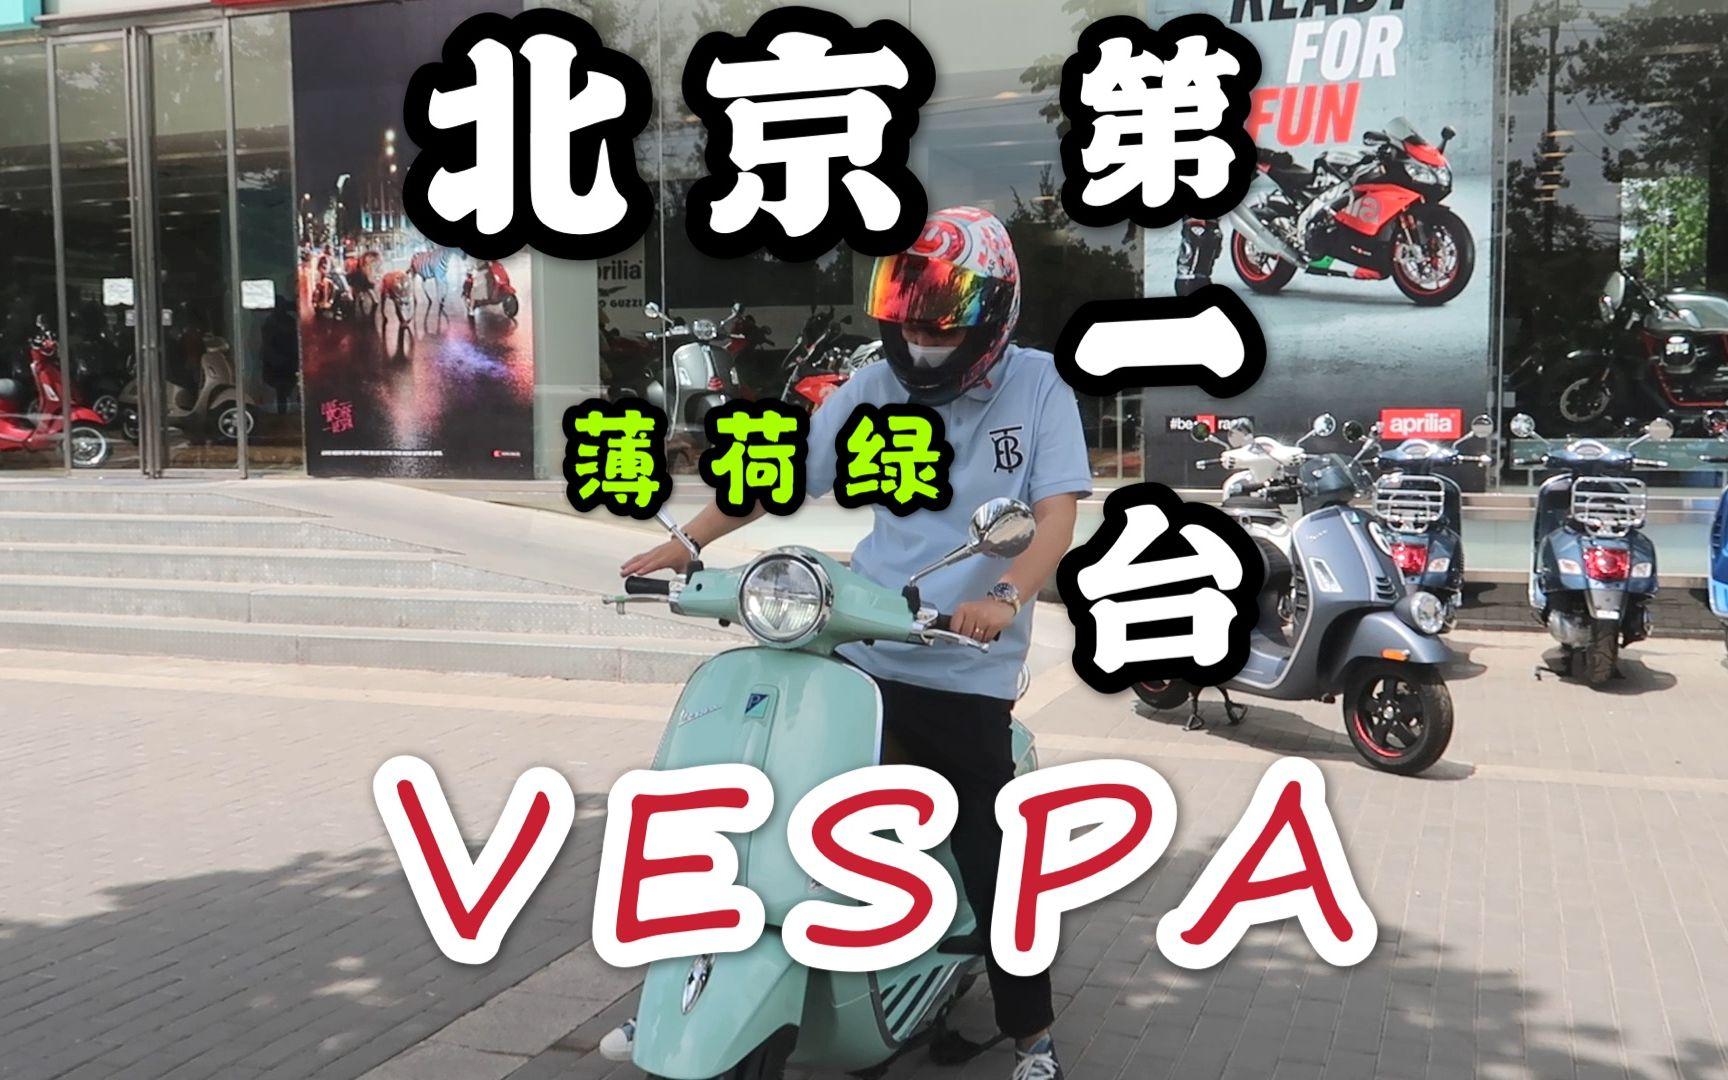 益达vlog 拿到全北京第一台薄荷绿vespa是一种什么感受 三万块的小摩托到底好不好 哔哩哔哩